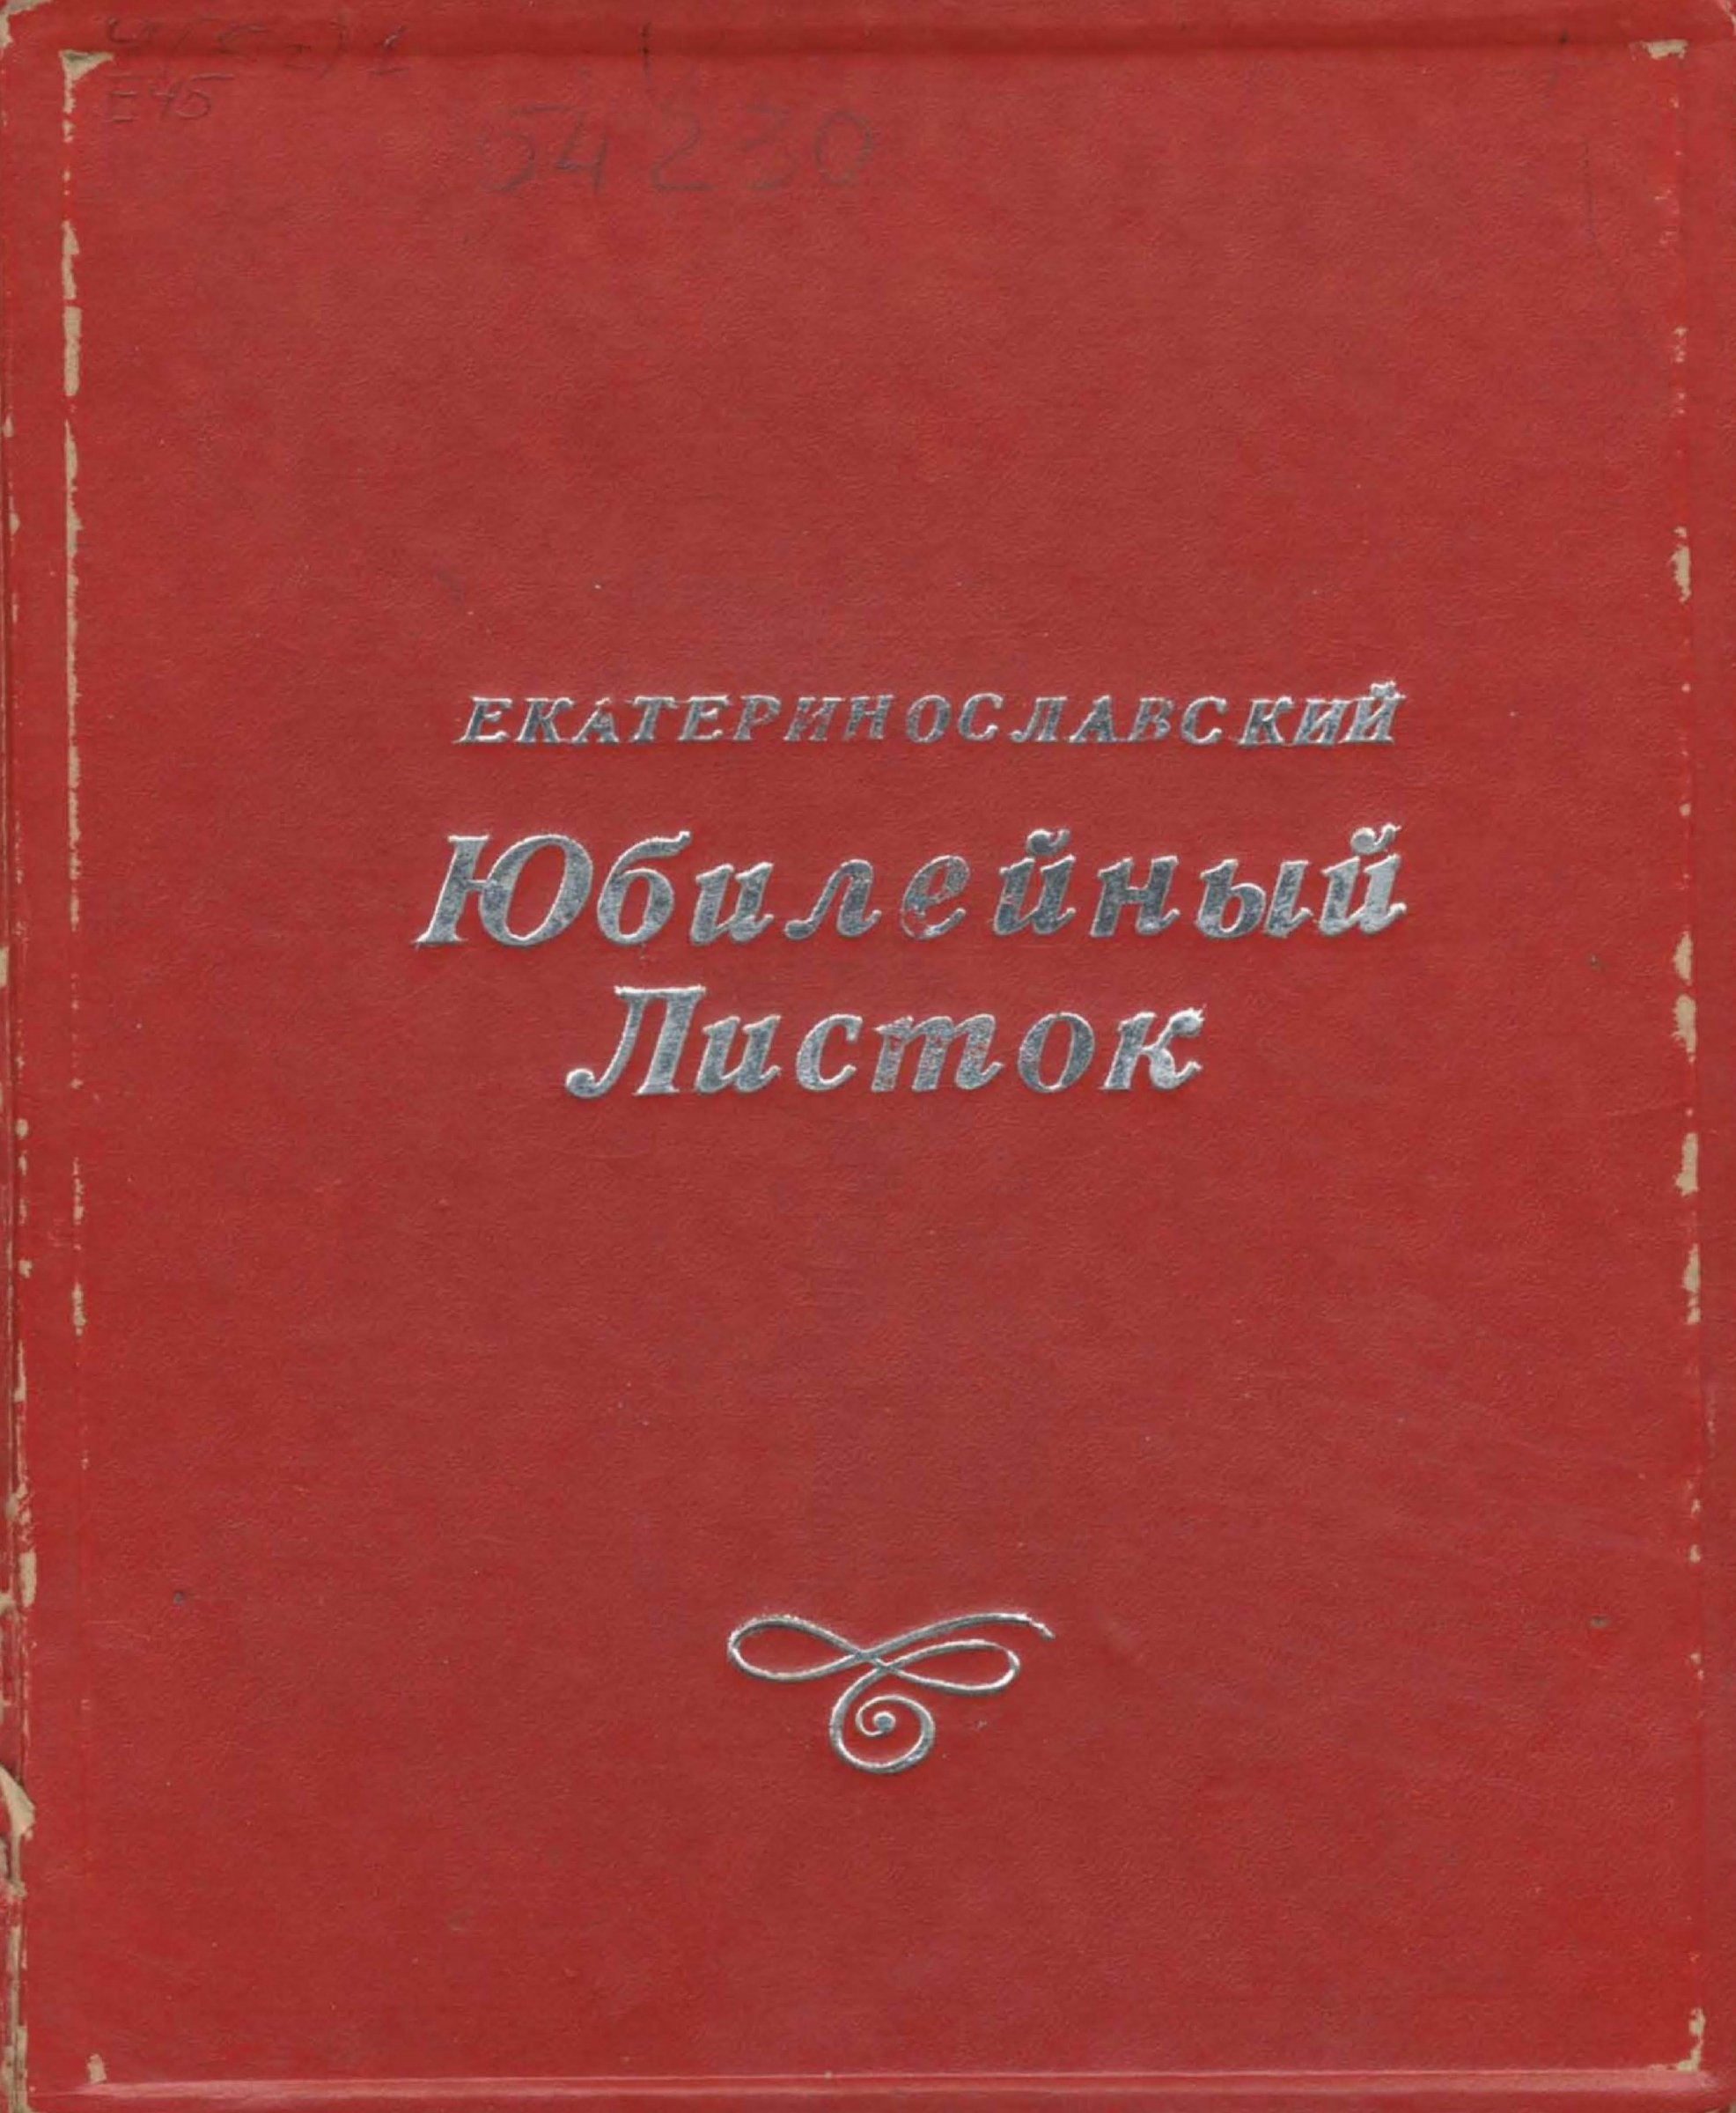 «Екатеринославский Юбилейный Листок». Книга з фонду ДОУНБ.